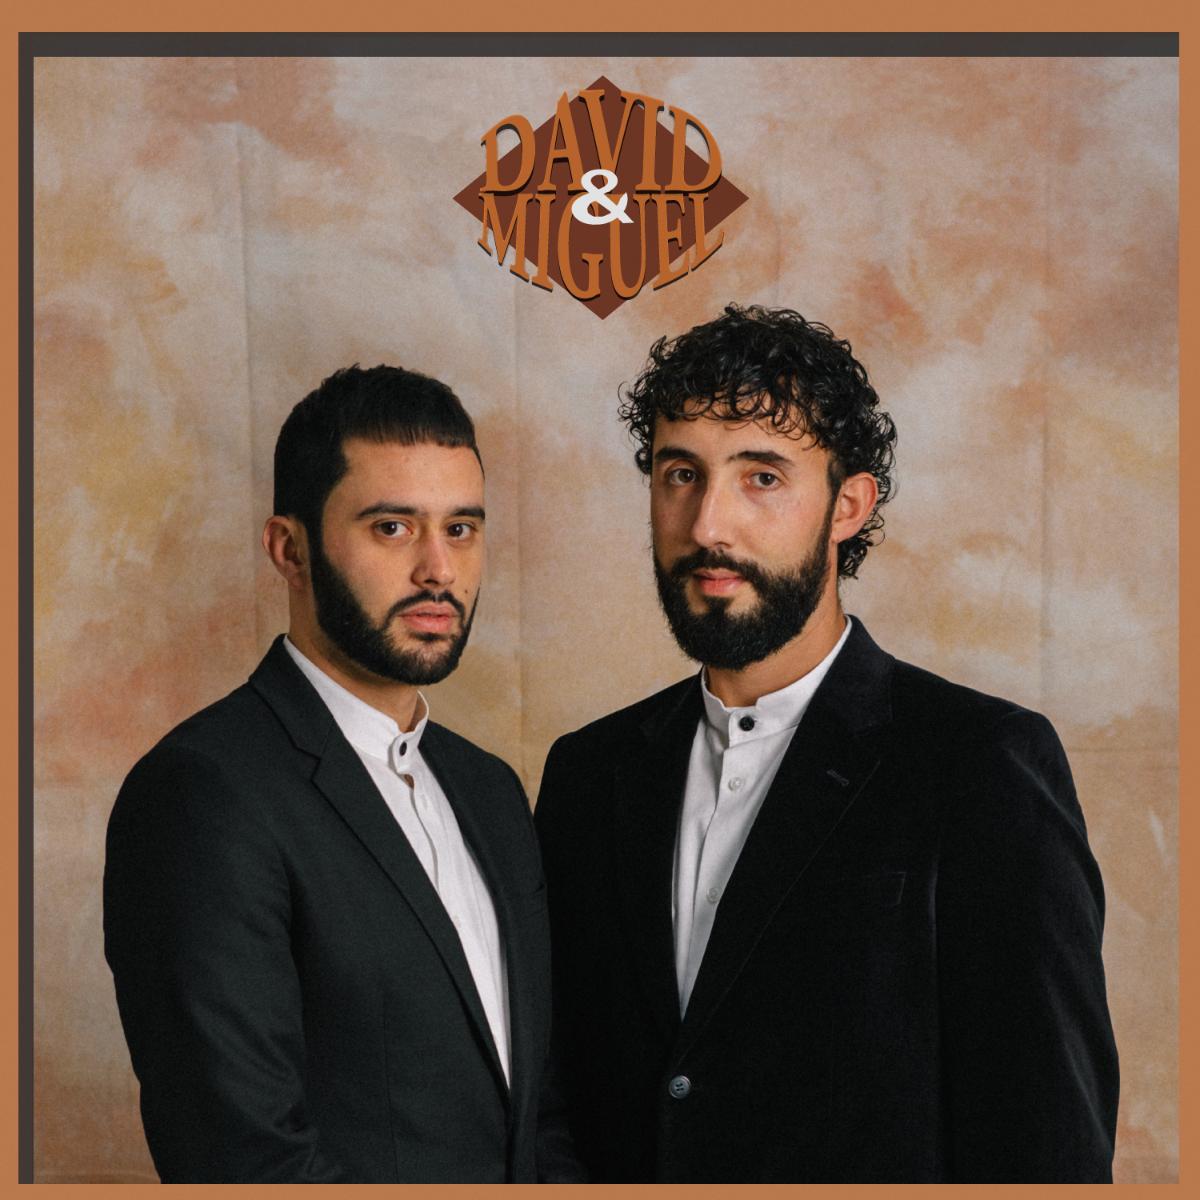 Palavras Cruzadas é o primeiro álbum de David & Miguel